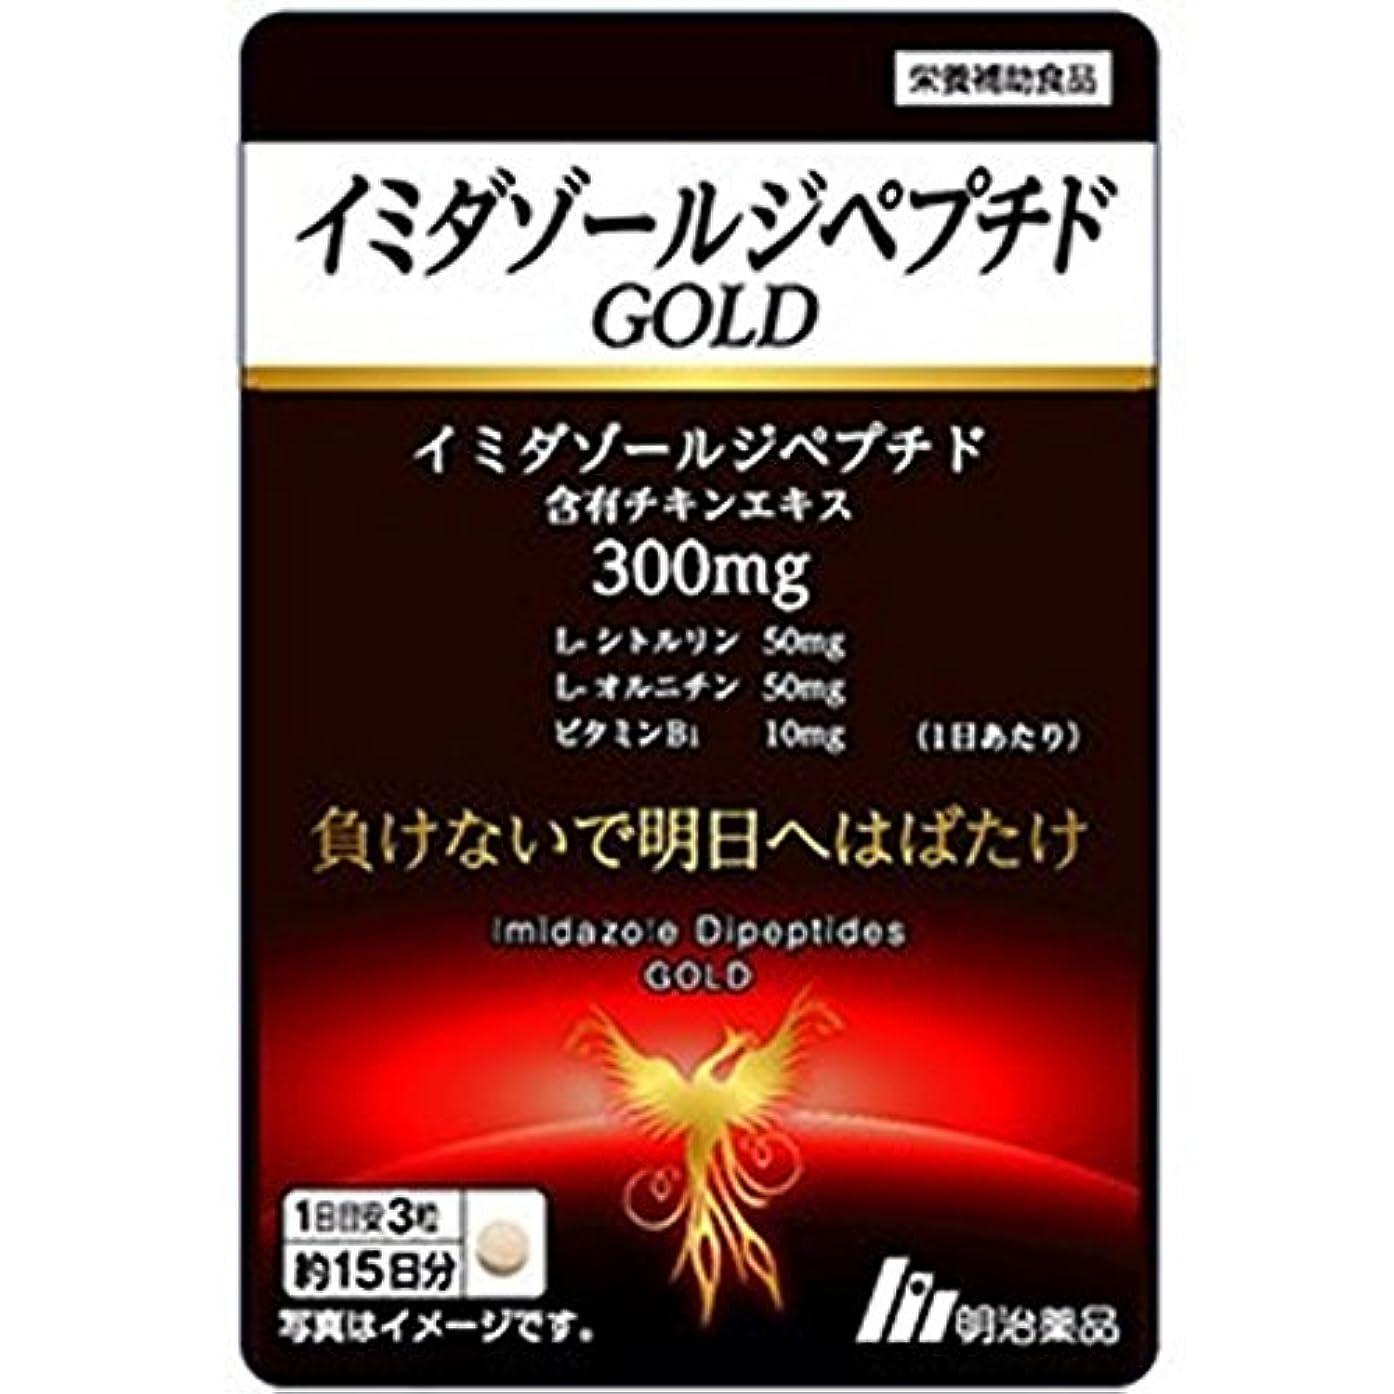 シリーズ主観的すばらしいです明治薬品 イミダゾールペプチドGOLD 45粒